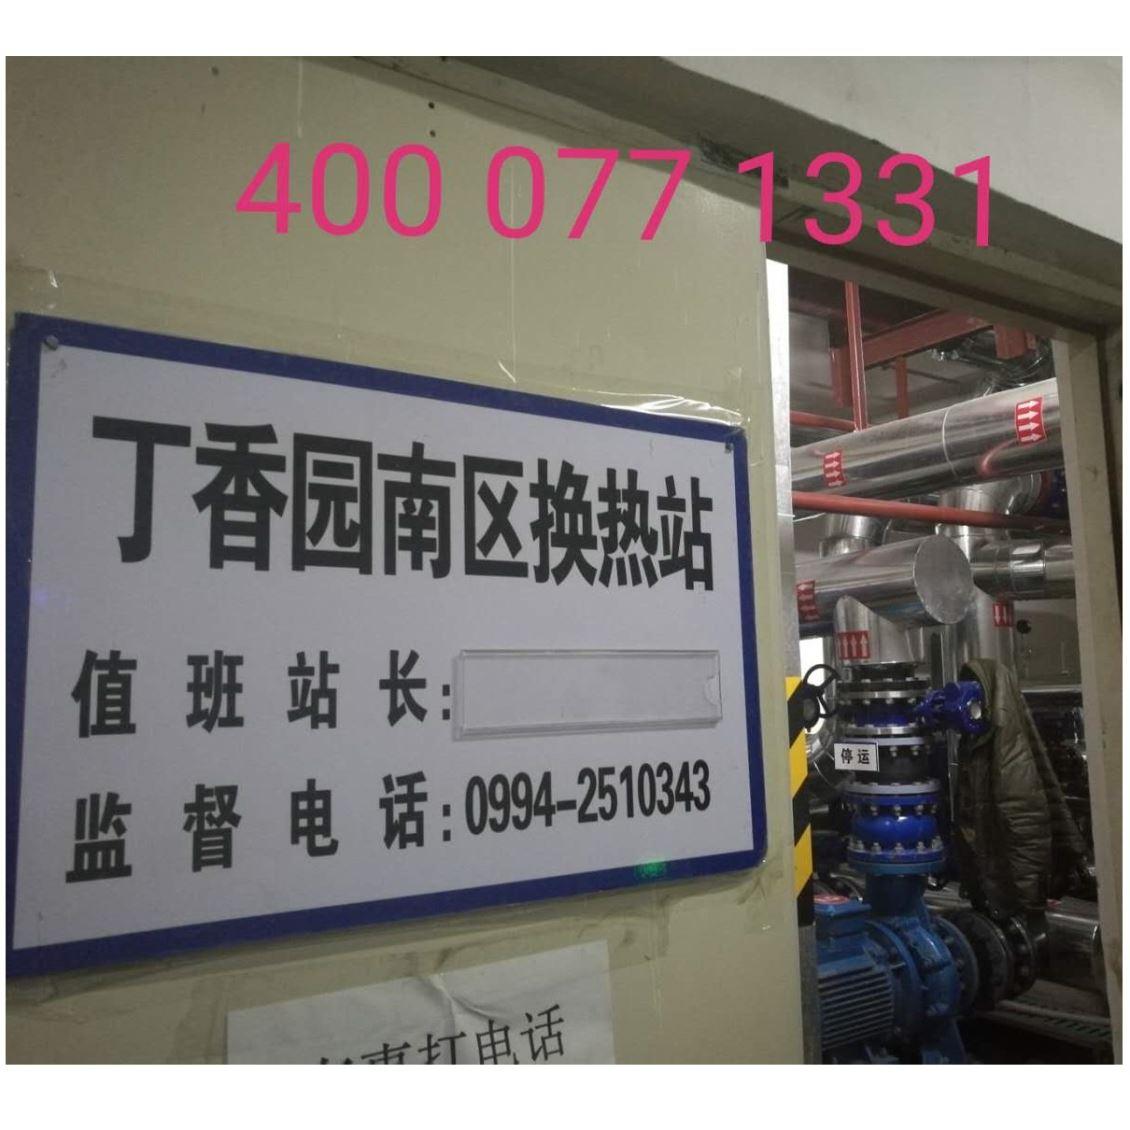 昌吉和谐房产丁香园换热站项目